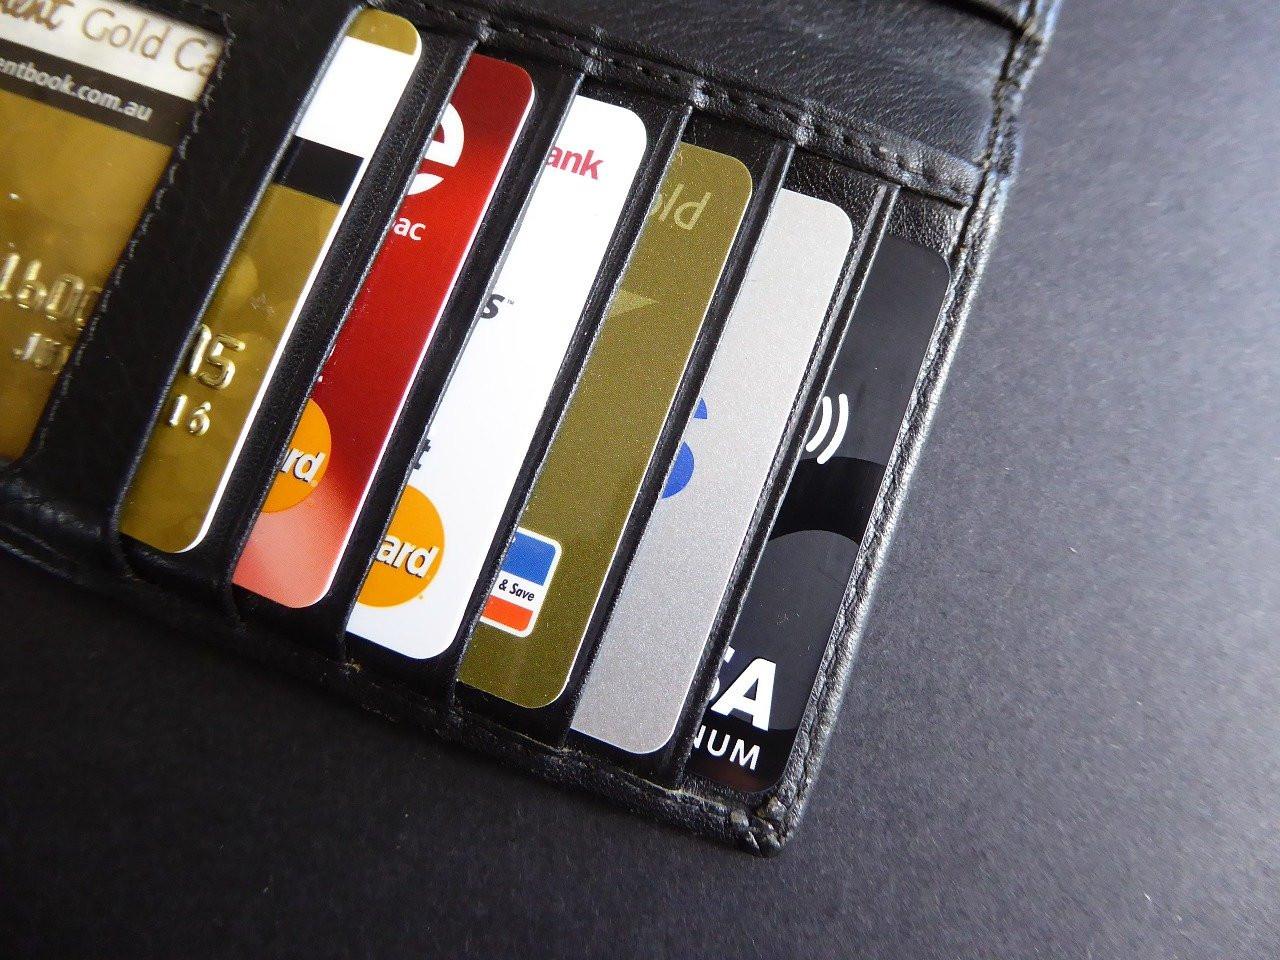 Специалисты рассказали, как вернуть украденные с банковской карты деньги